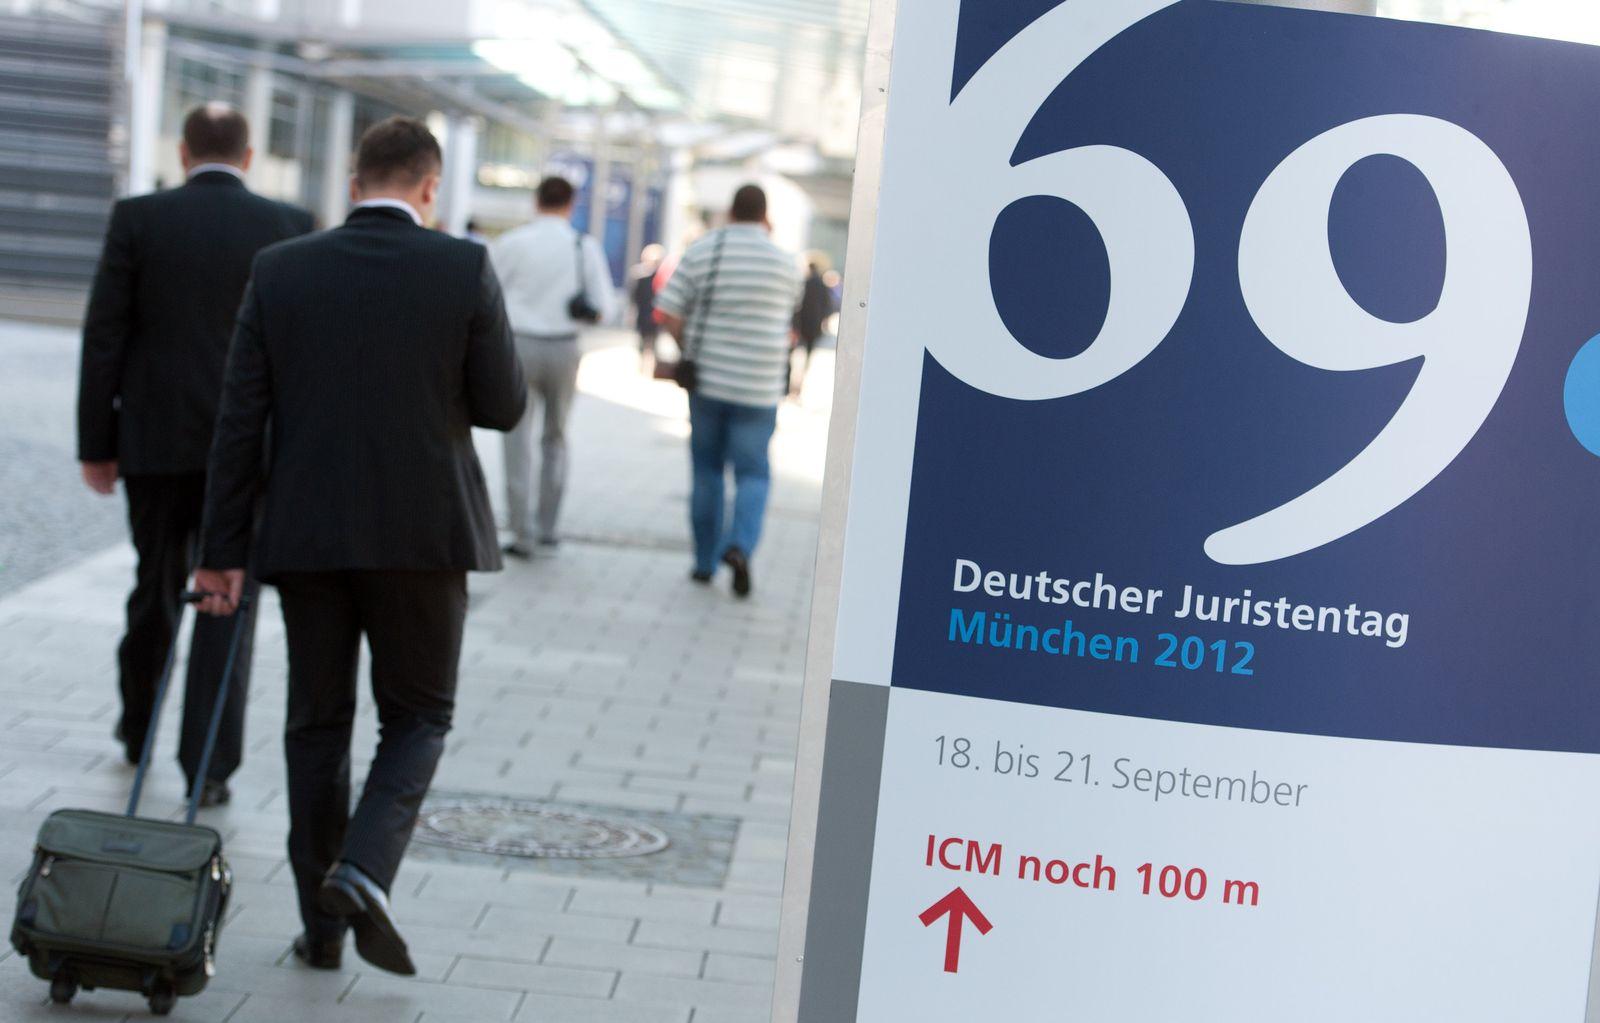 69. Deutscher Juristentag